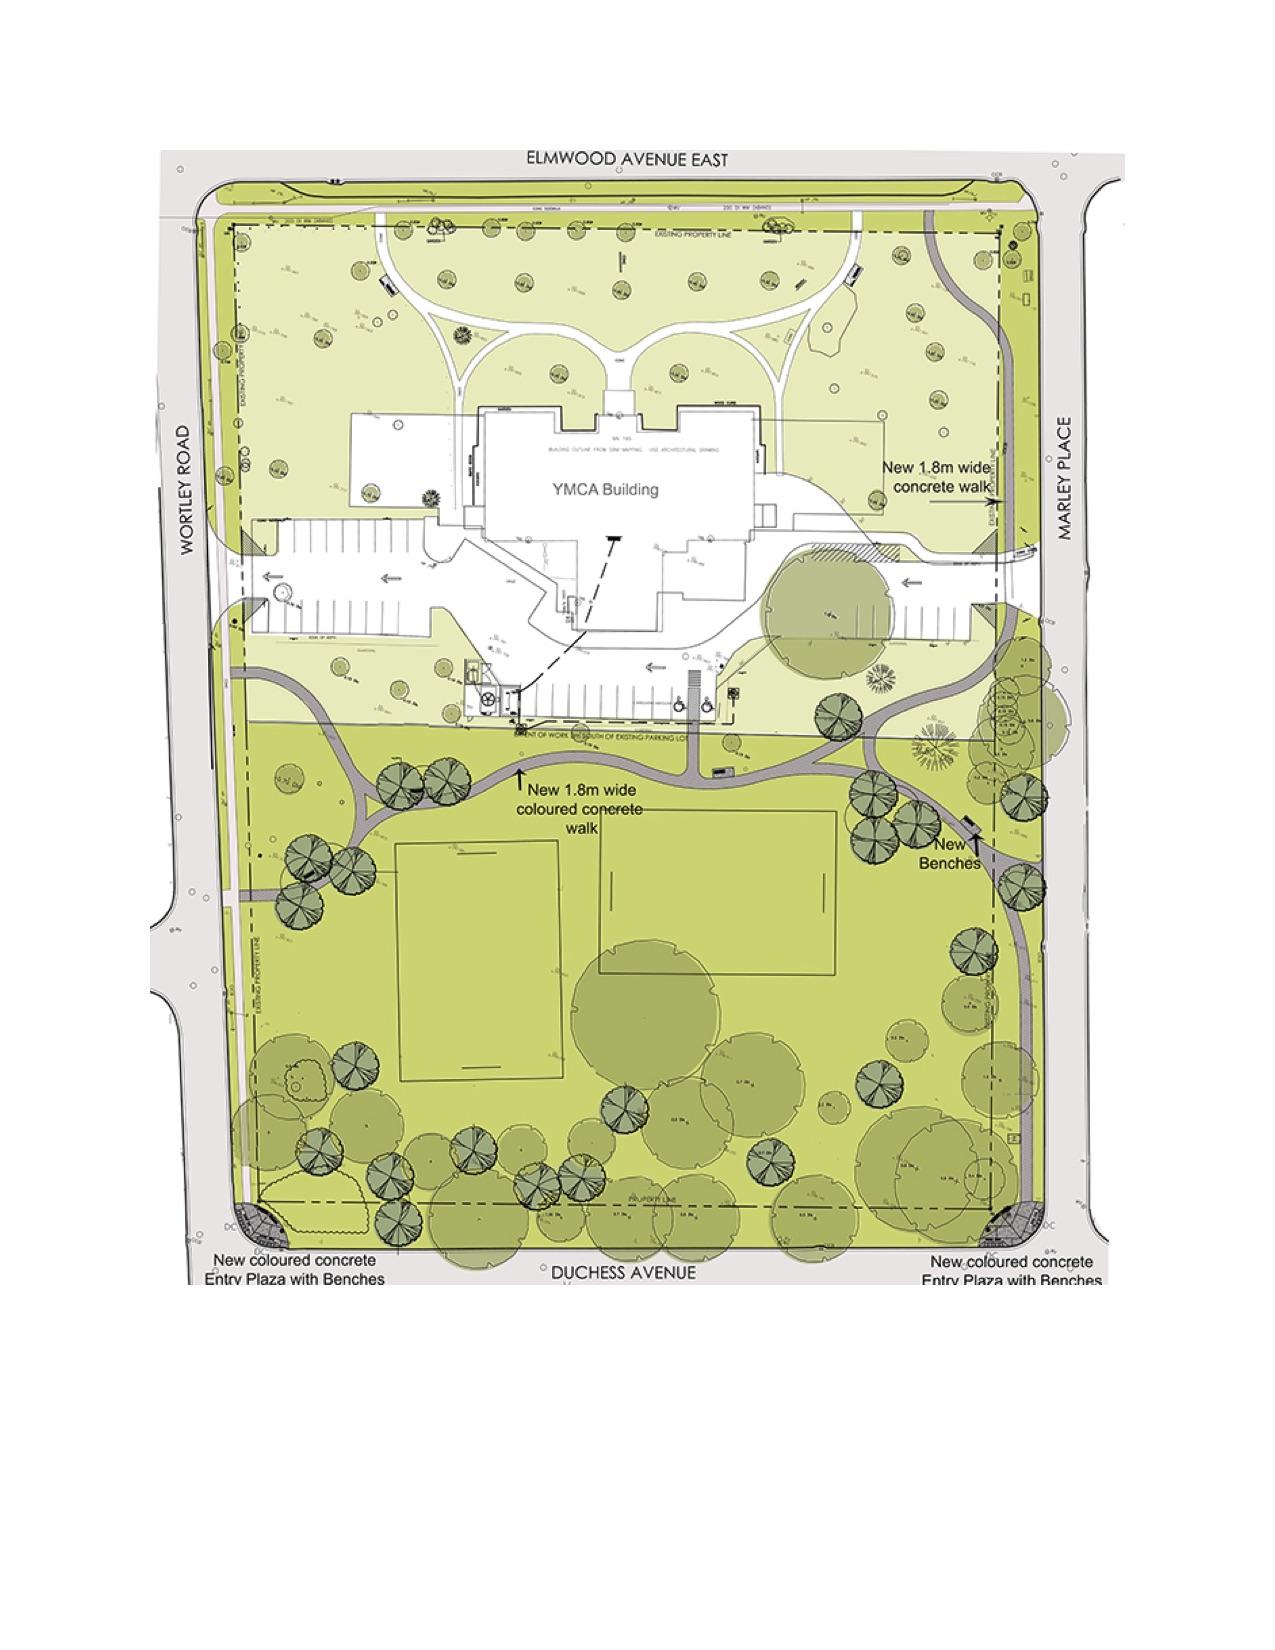 The Green Concept Plan